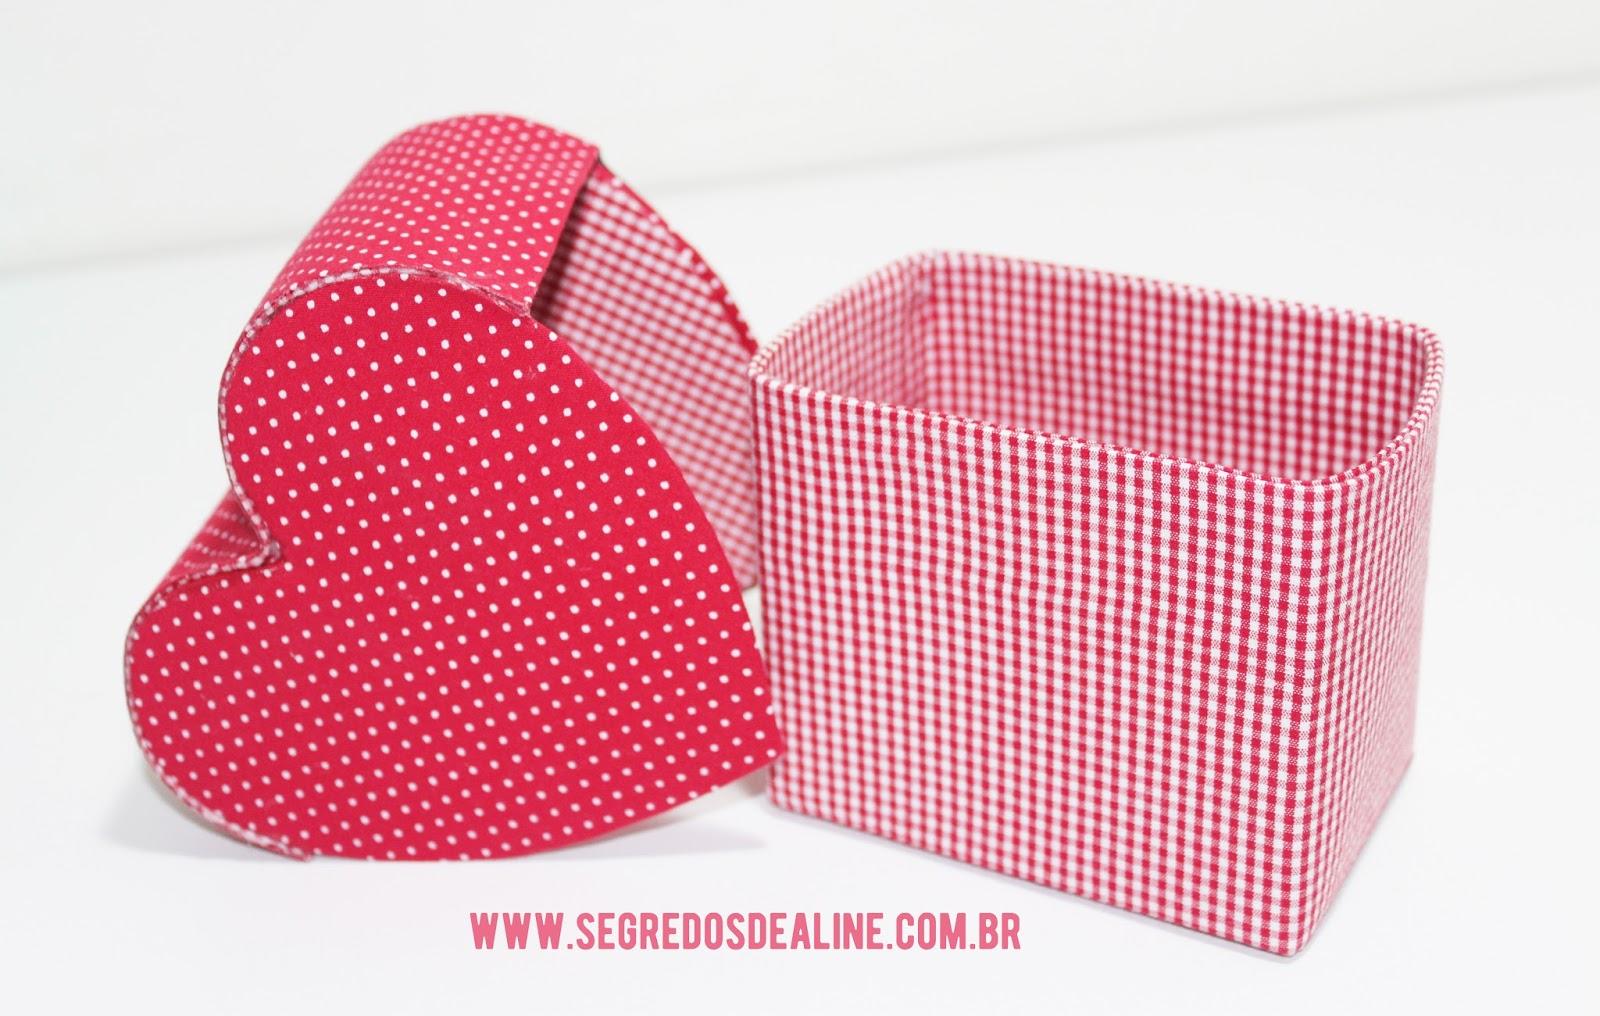 Armario Banheiro Aluminio Astra ~ Segredos de Aline Reciclagem Caixa de Leite Caixa Coraç u00e3o